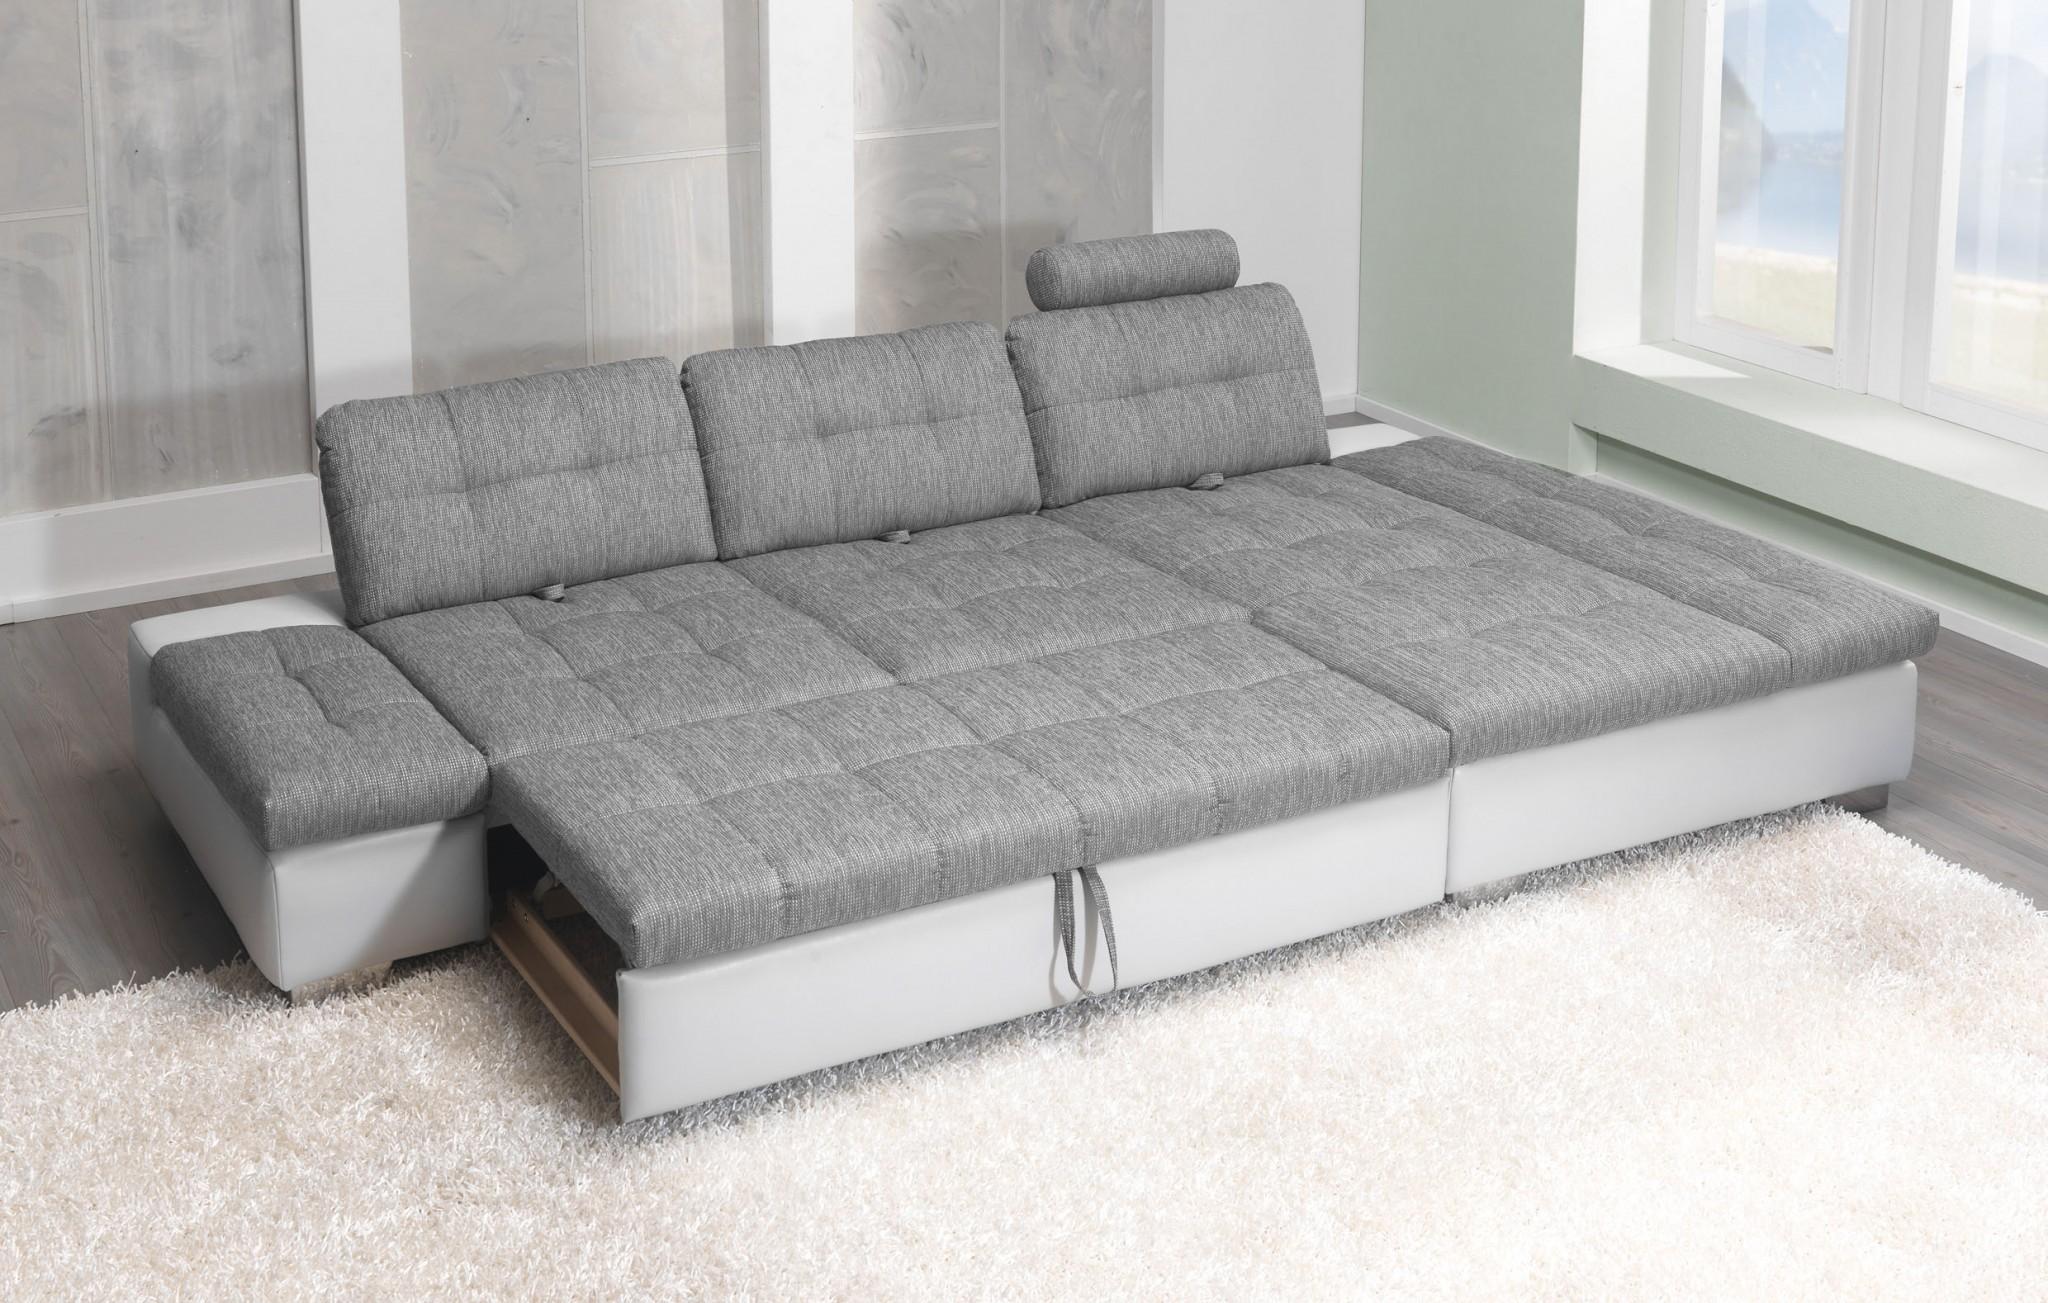 liegewiese schladming mit maximaler liegefl che m bel. Black Bedroom Furniture Sets. Home Design Ideas